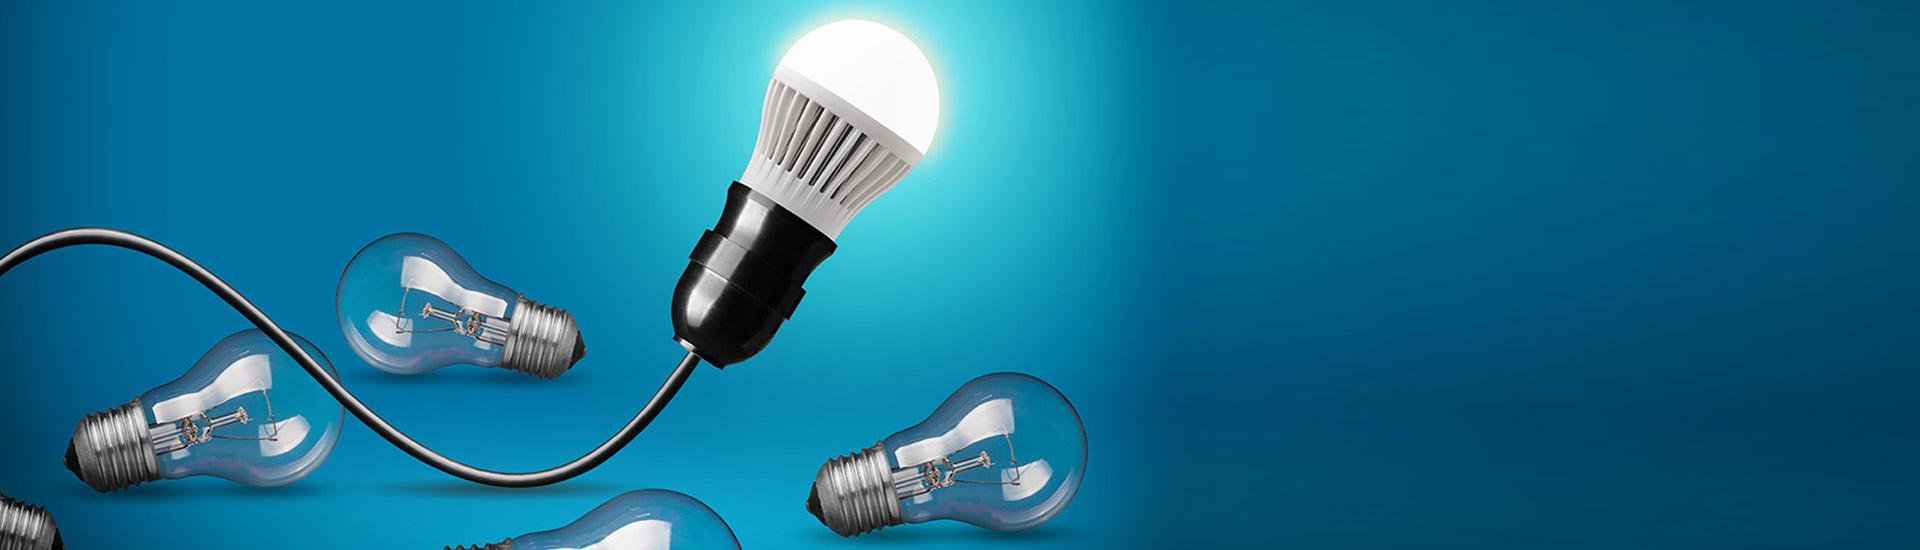 lightbulb_moment_ad_img_only